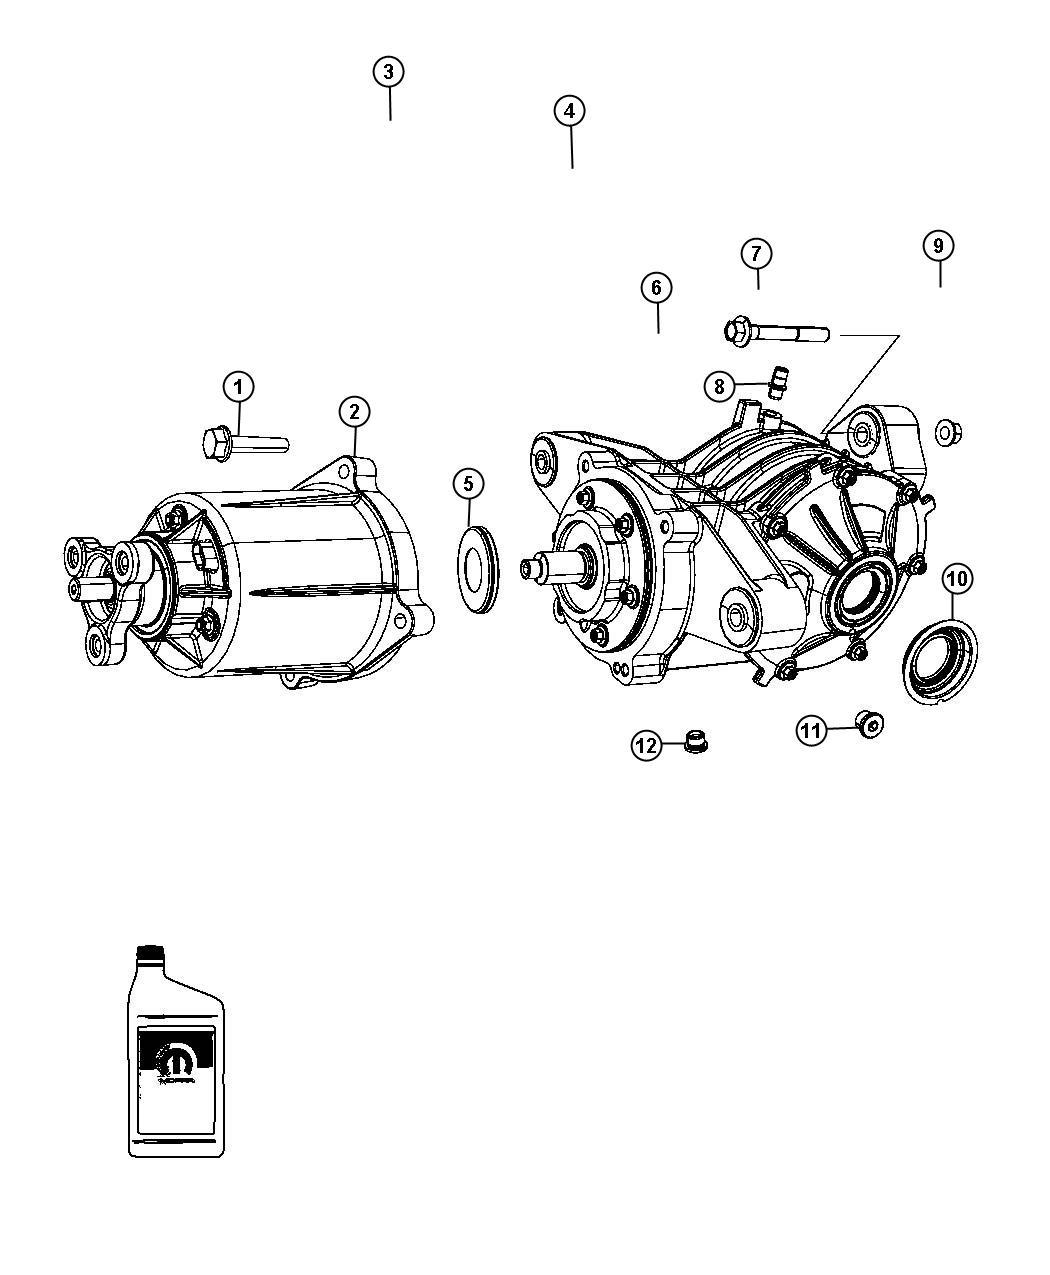 2012 Dodge Journey Bdorc/viscous unit kit. Rear axle. [3